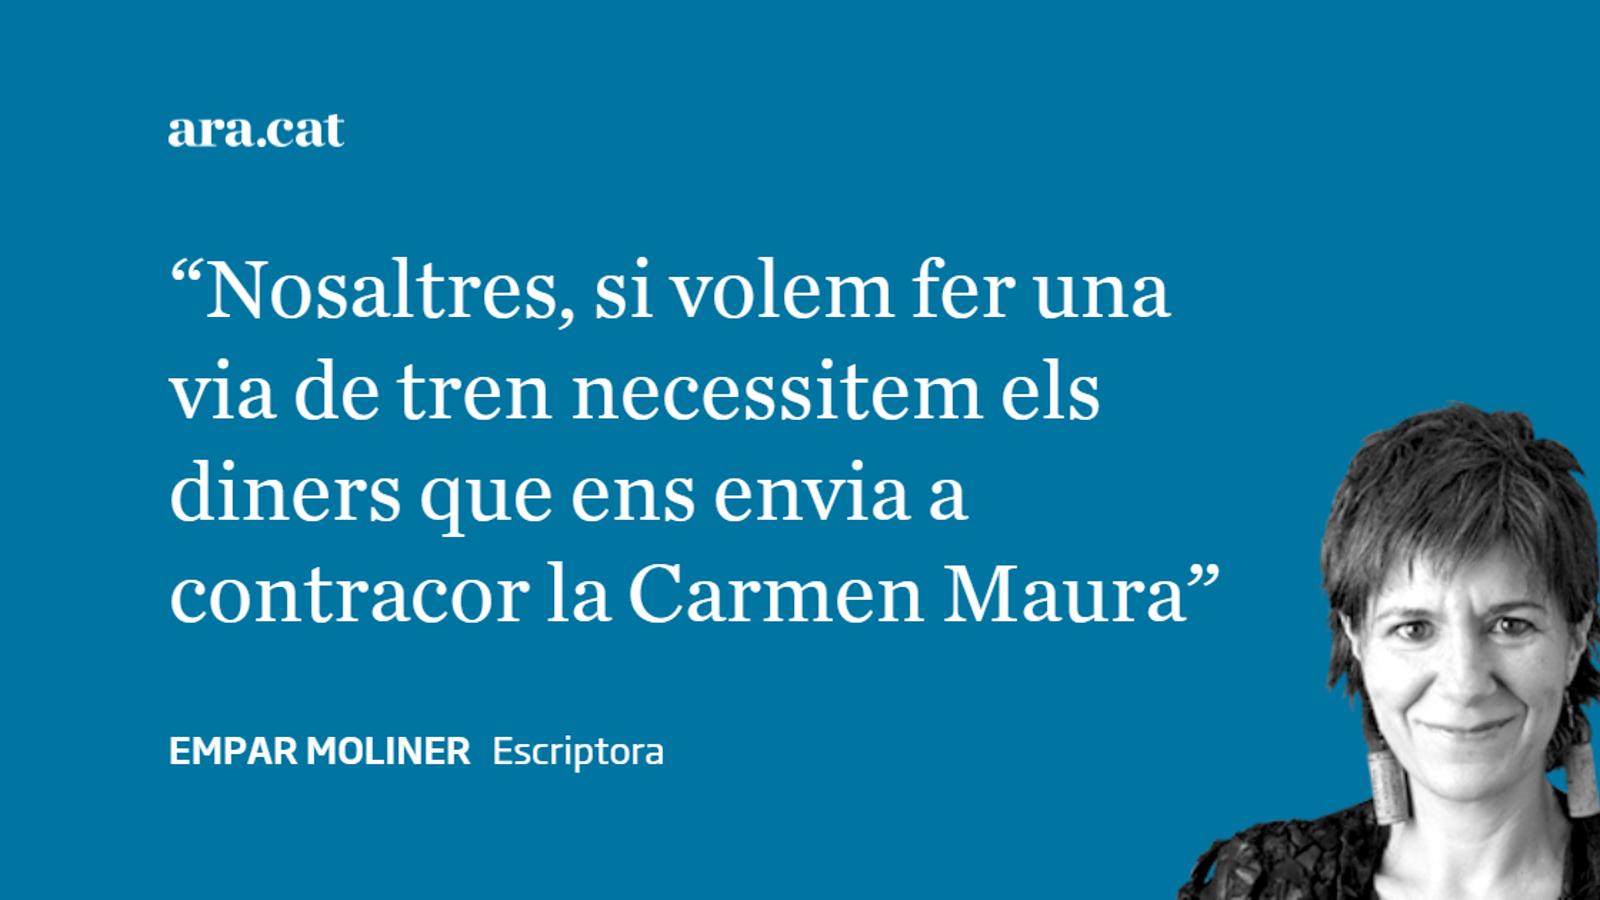 Els diners de la Carmen